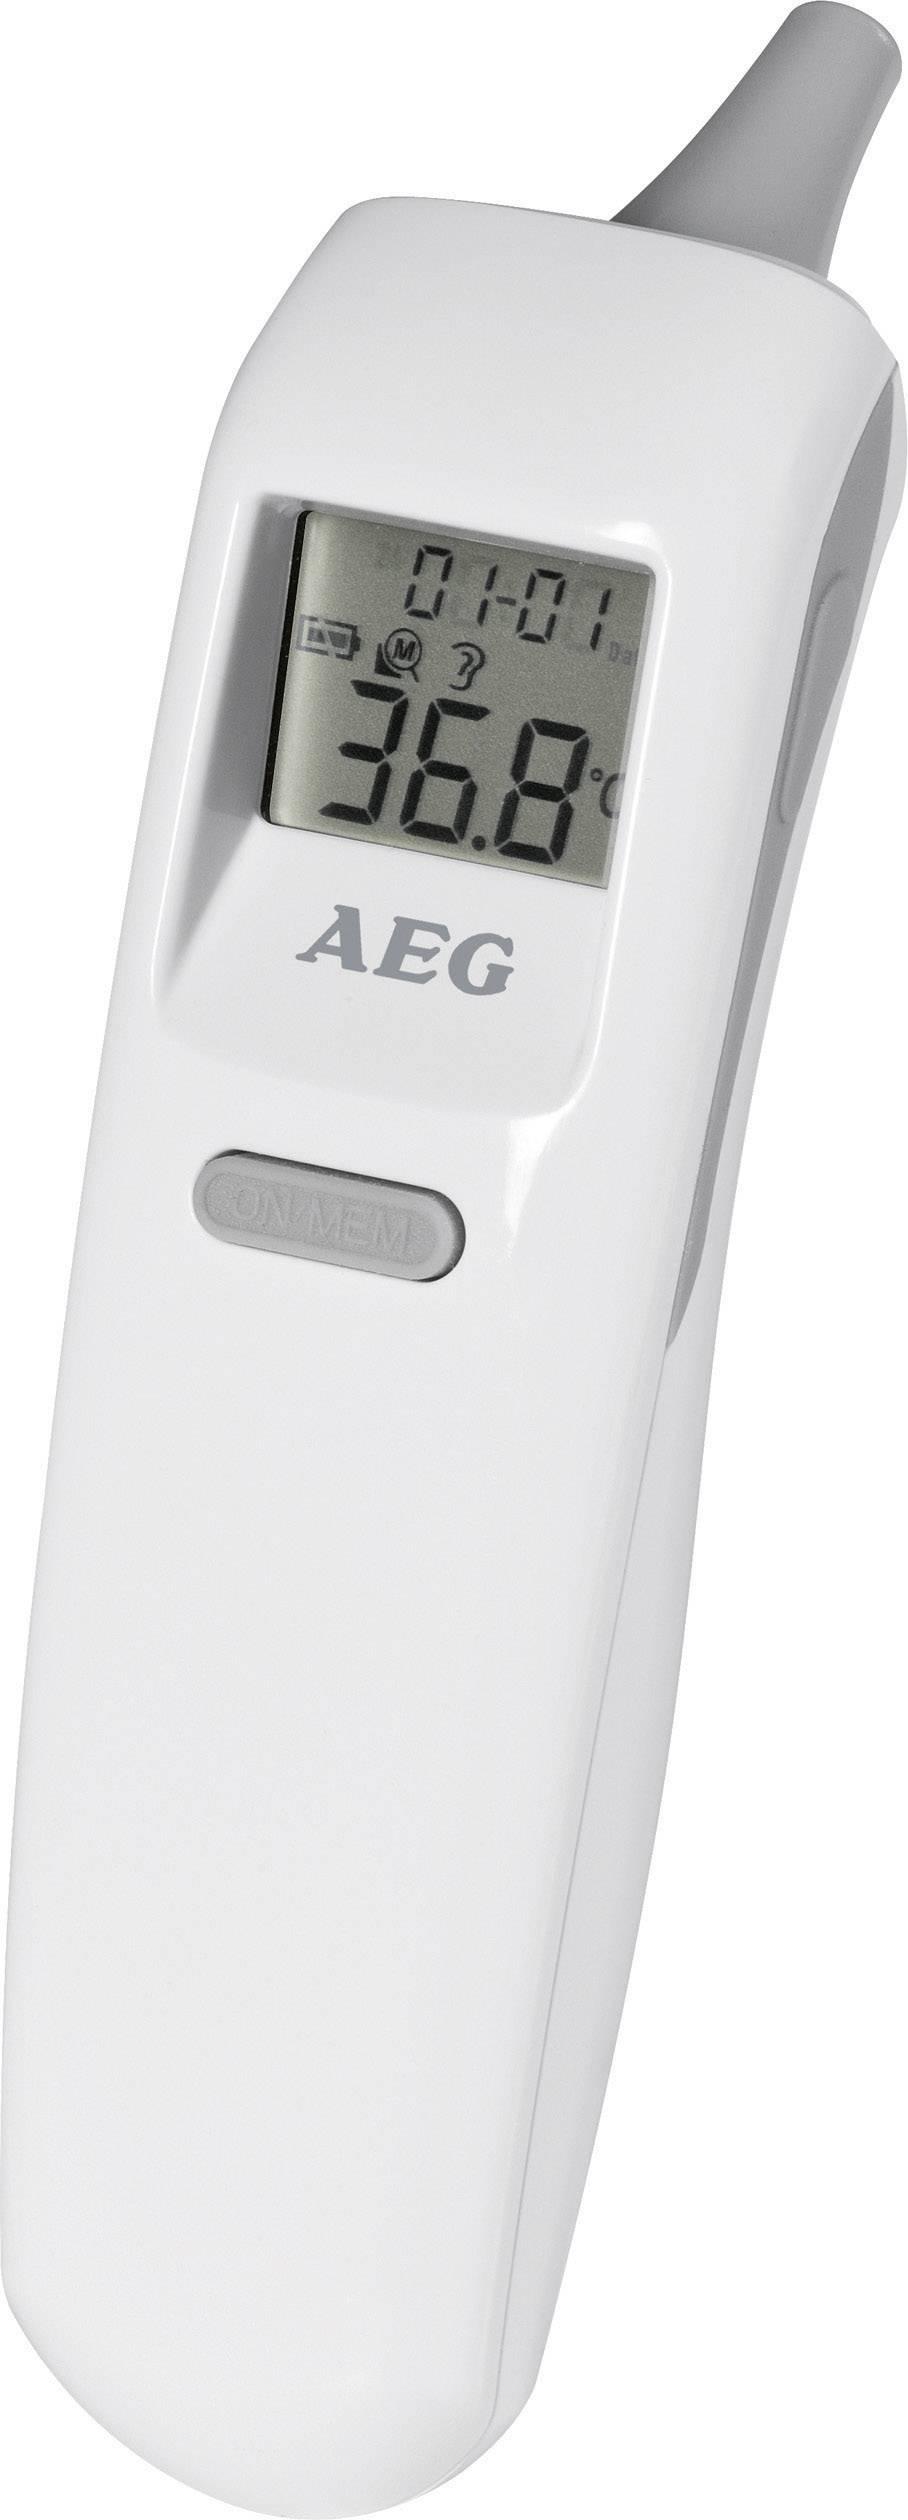 Ušní digitální teploměr AEG FT 4919 (450019)